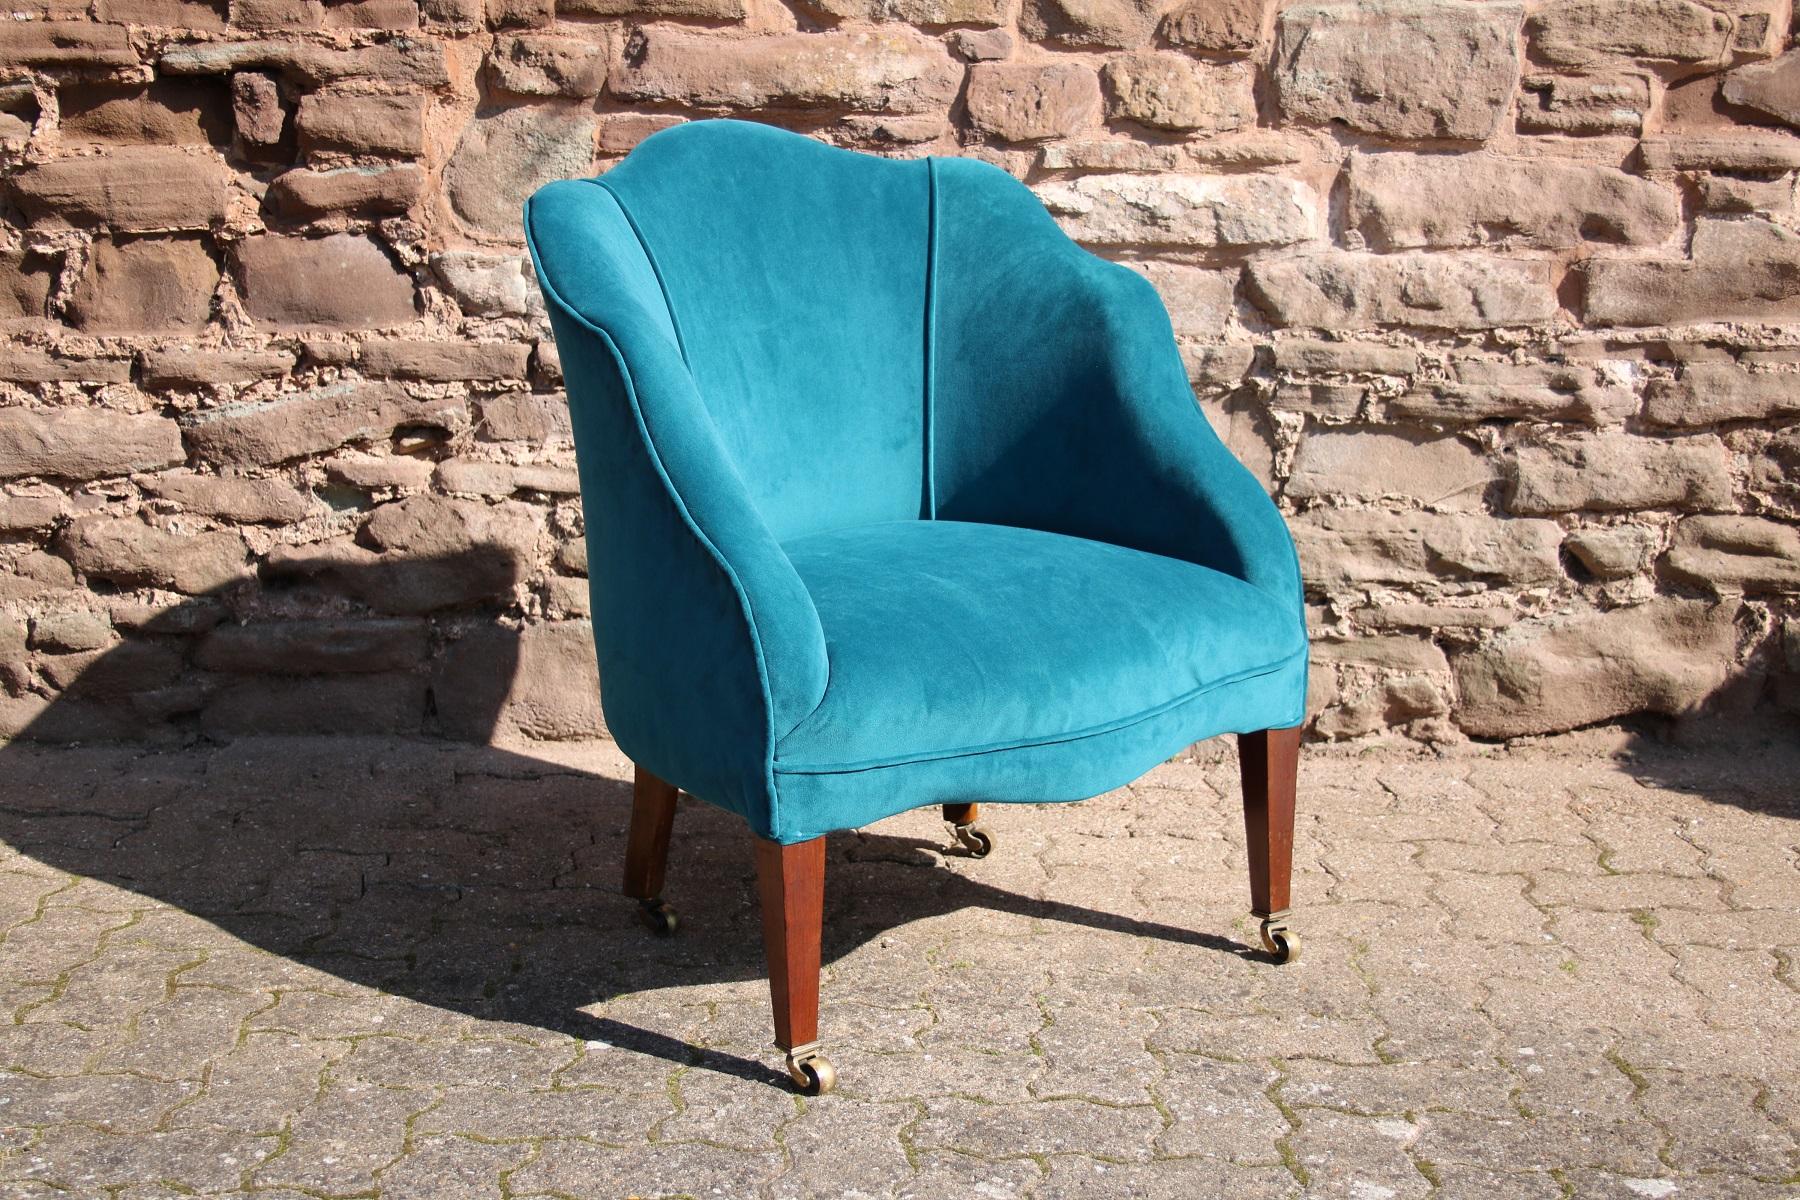 Edwardian Tub Chair By William Barrow